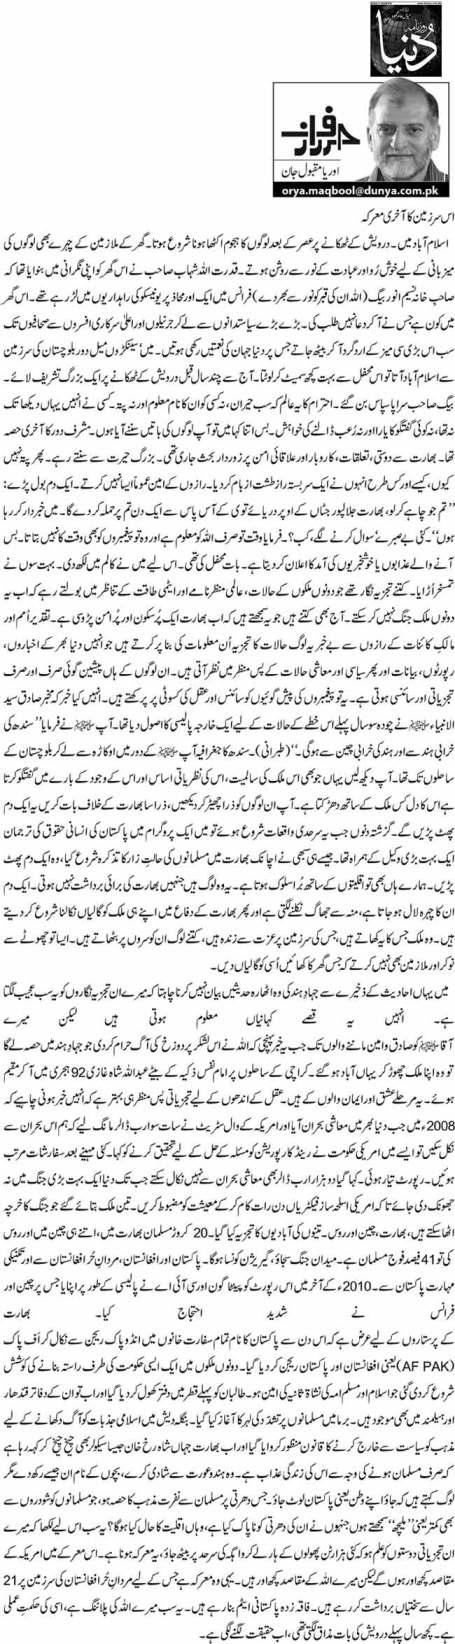 Iss sar zameen ka akhri marka - Orya Maqbool Jan